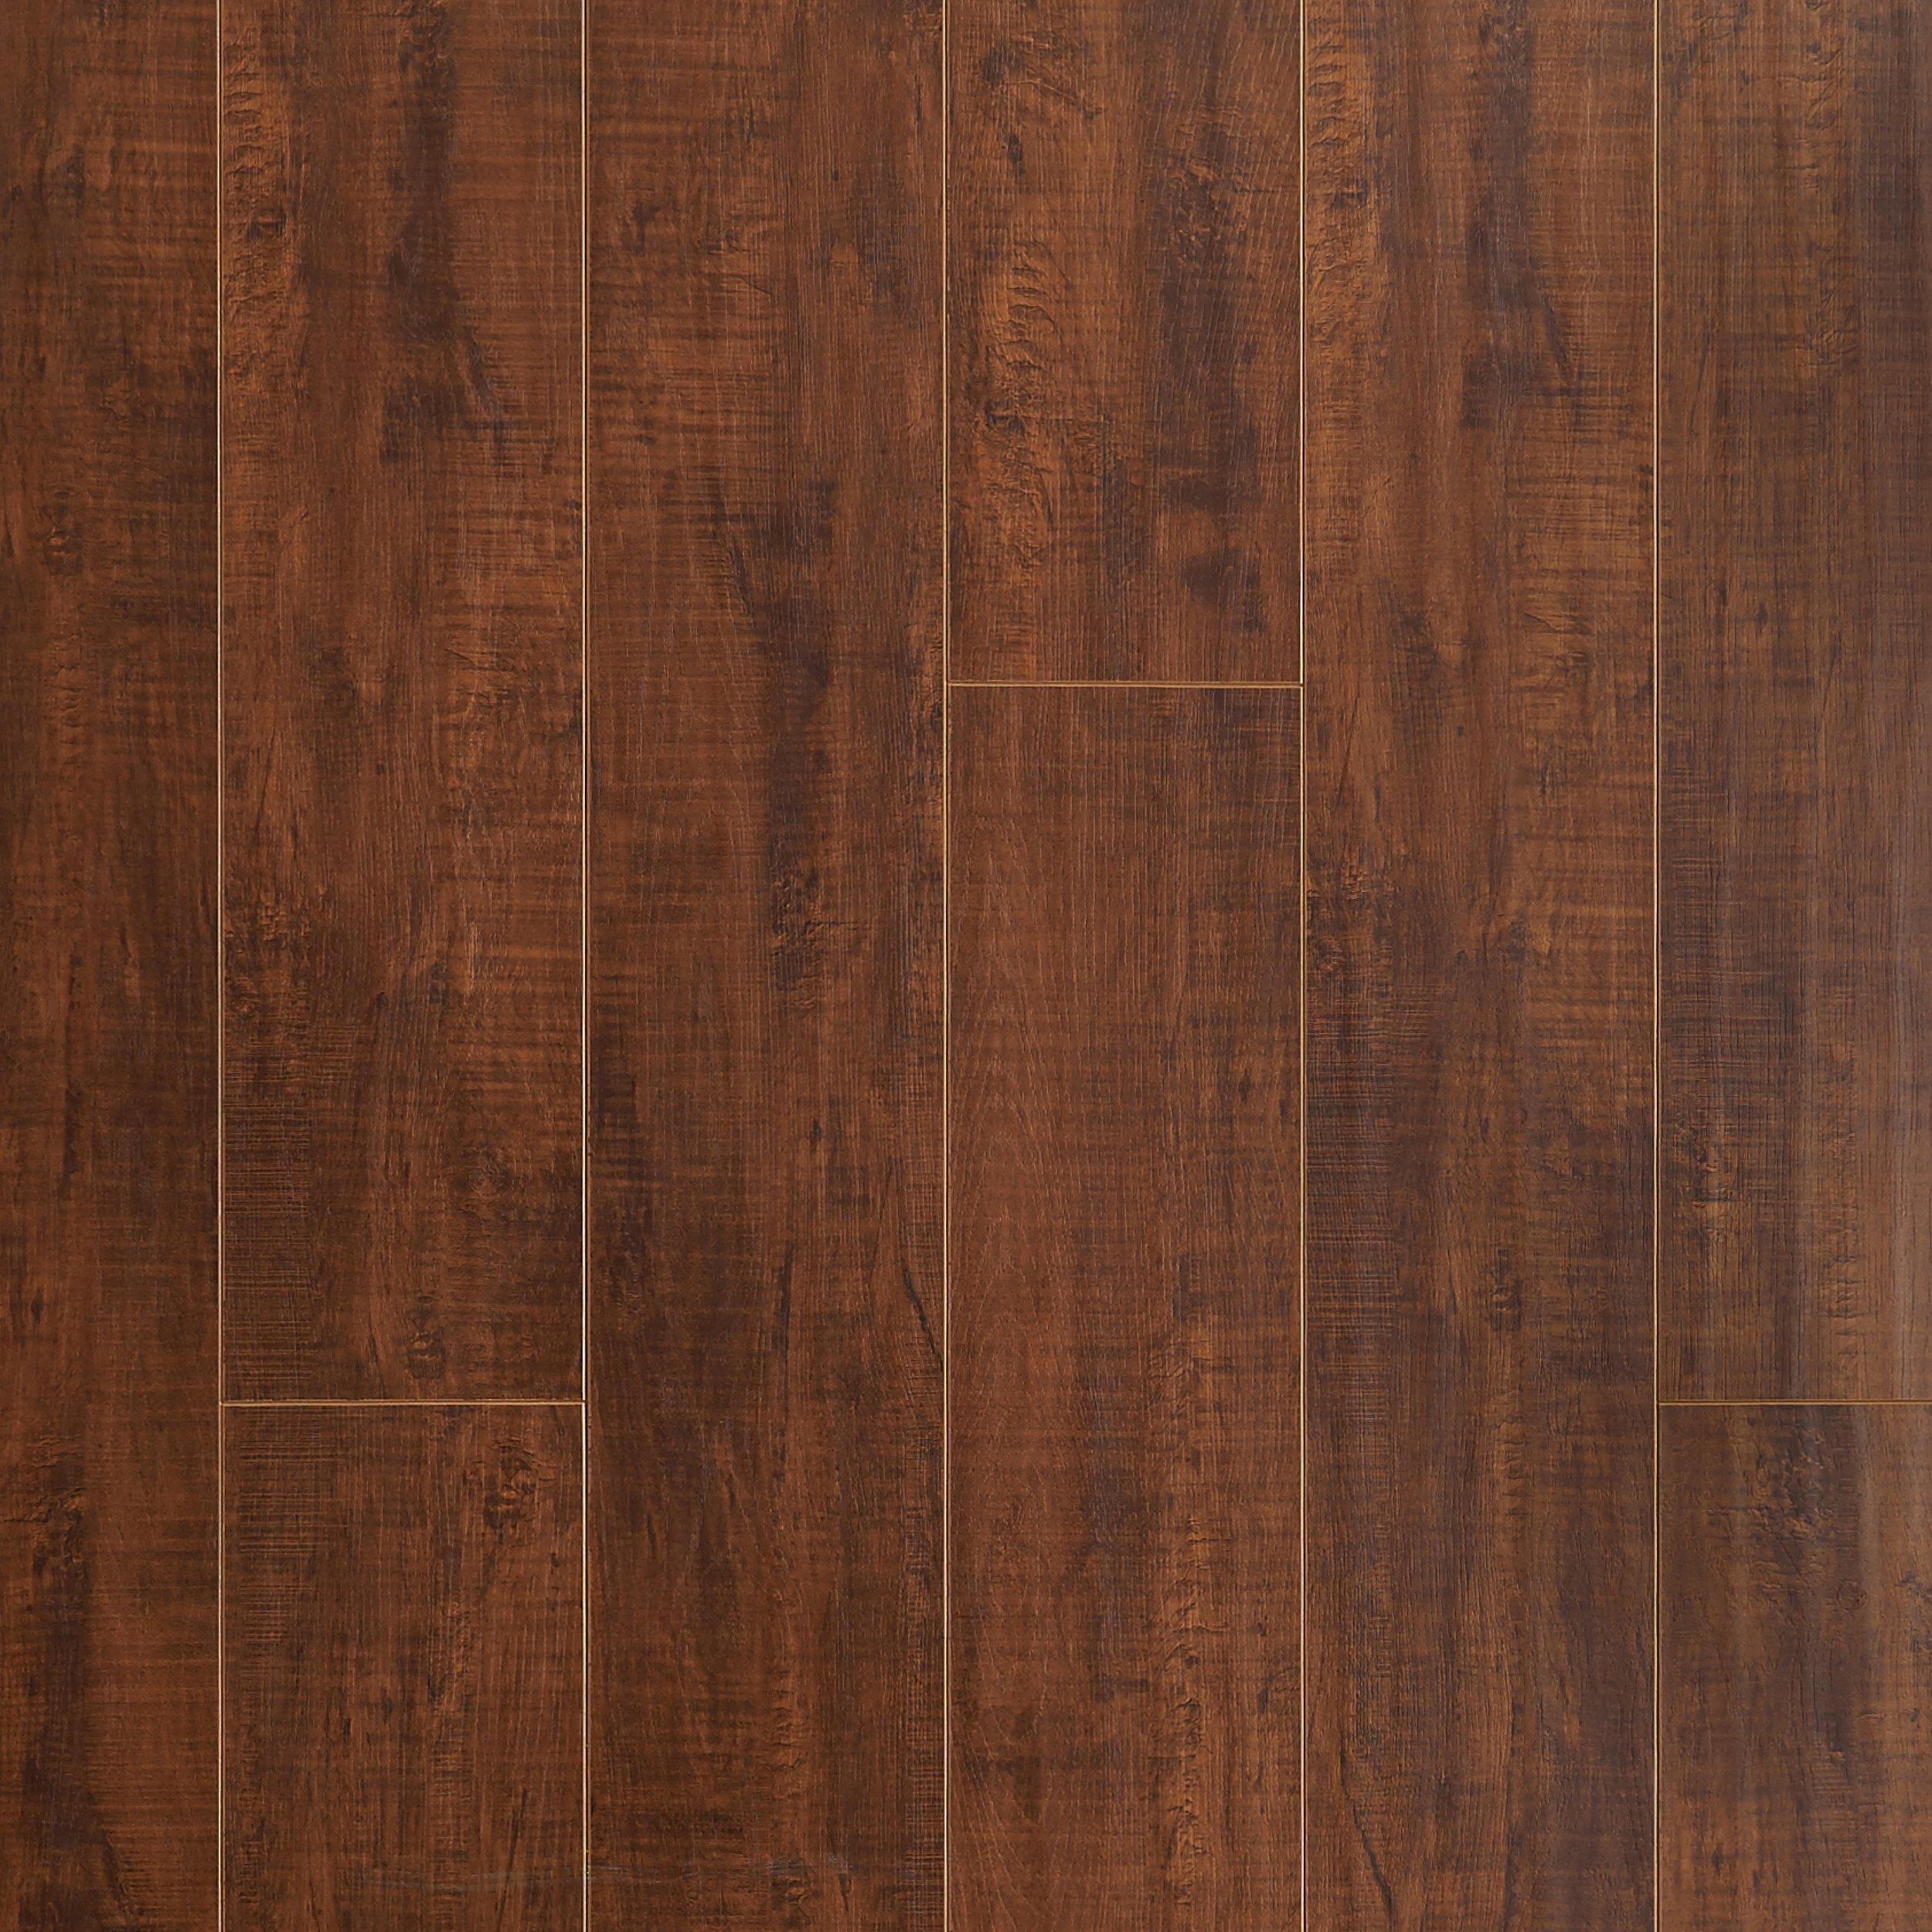 Hand Scraped Laminate Flooring Floor Decor